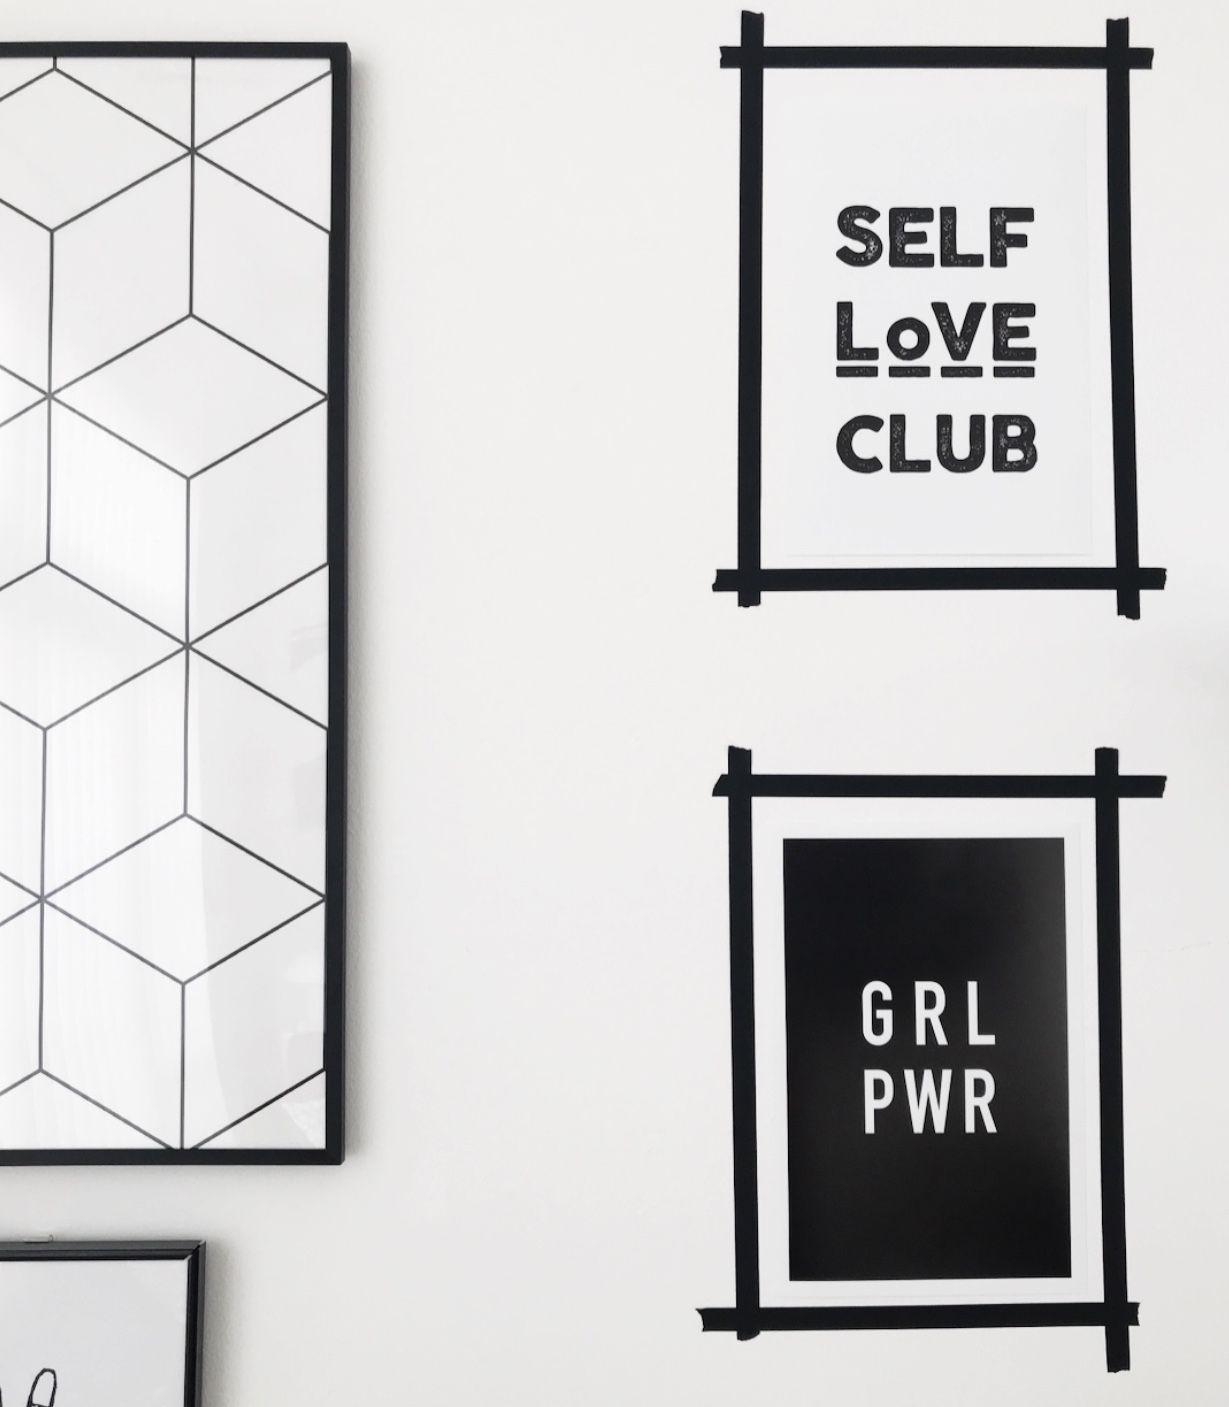 Elegant Badspiegel Mit Led Beleuchtung Spiegel Kaltweiss Energiesparend Led Badezimmer Wandspiegel Badezimmerspiegel Dora 40 X 60 Cm Amazon De Kuche Haushalt